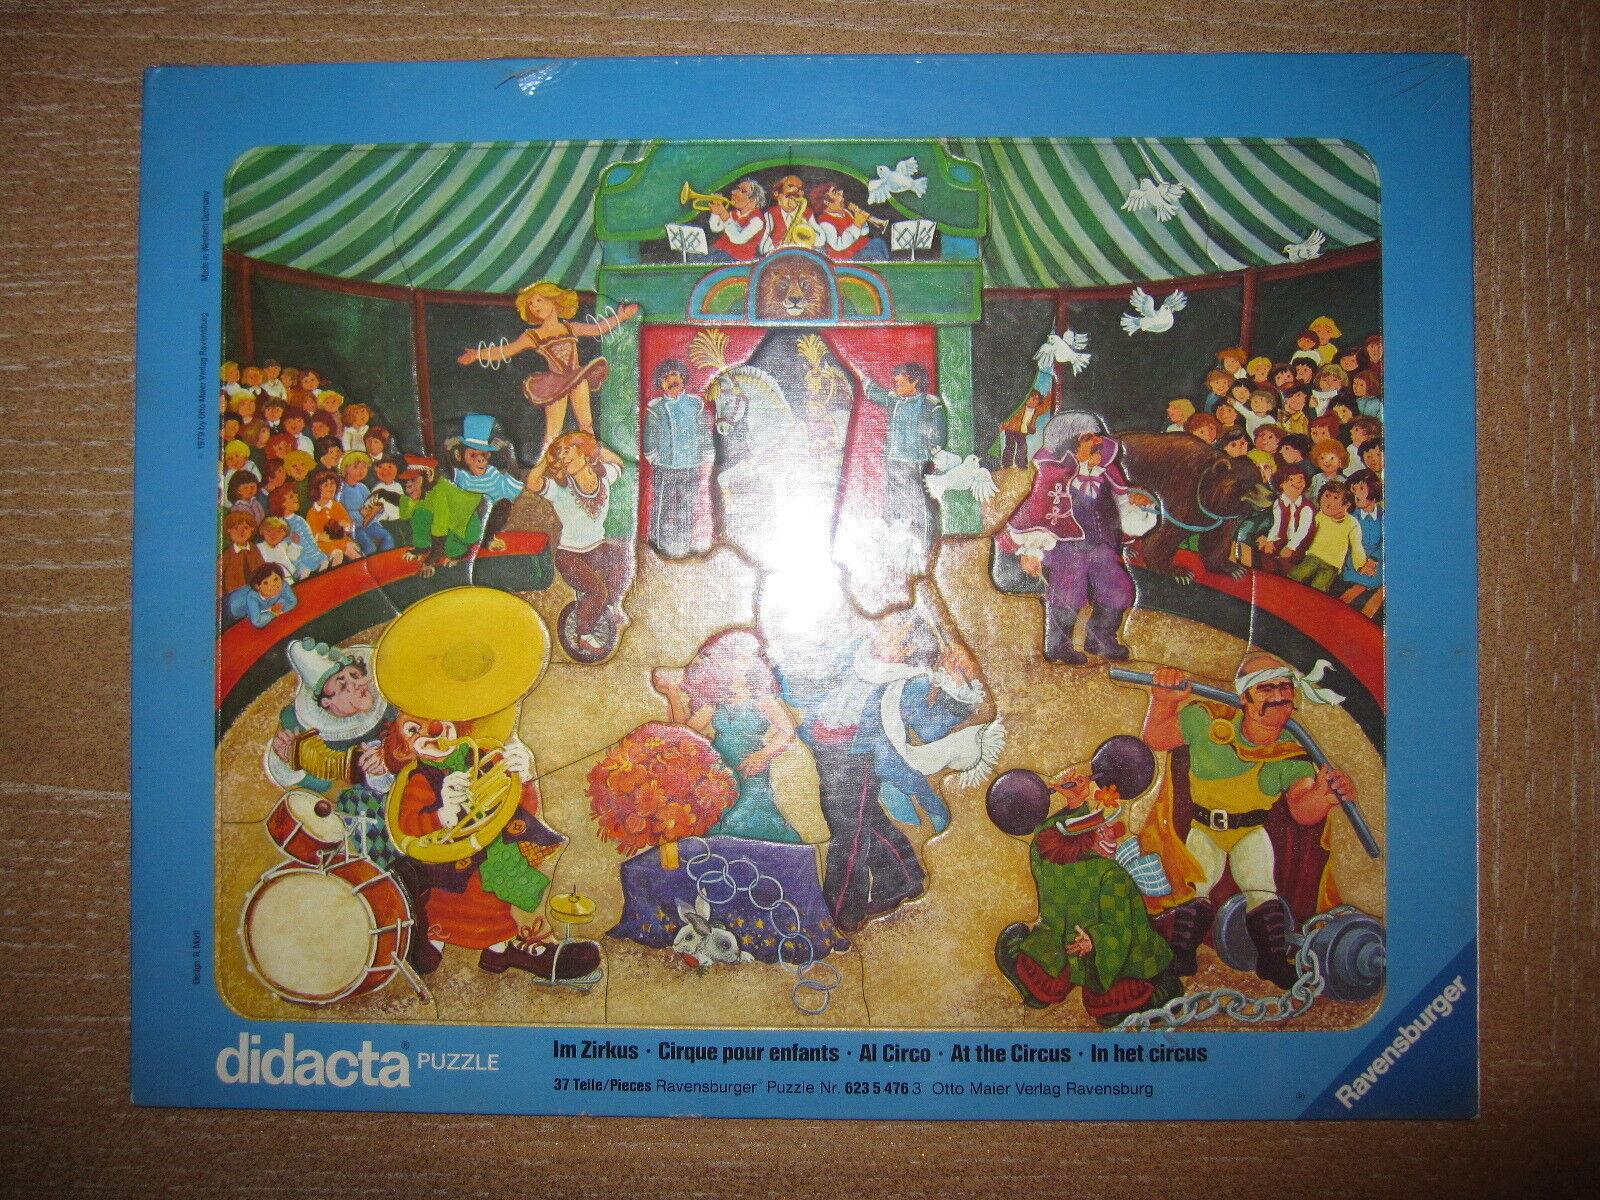 fantastica qualità DIDACTA PUZZLE RAVENSBURGER AL CIRCO 37 pezzi pezzi pezzi - 1979  spedizione gratuita!